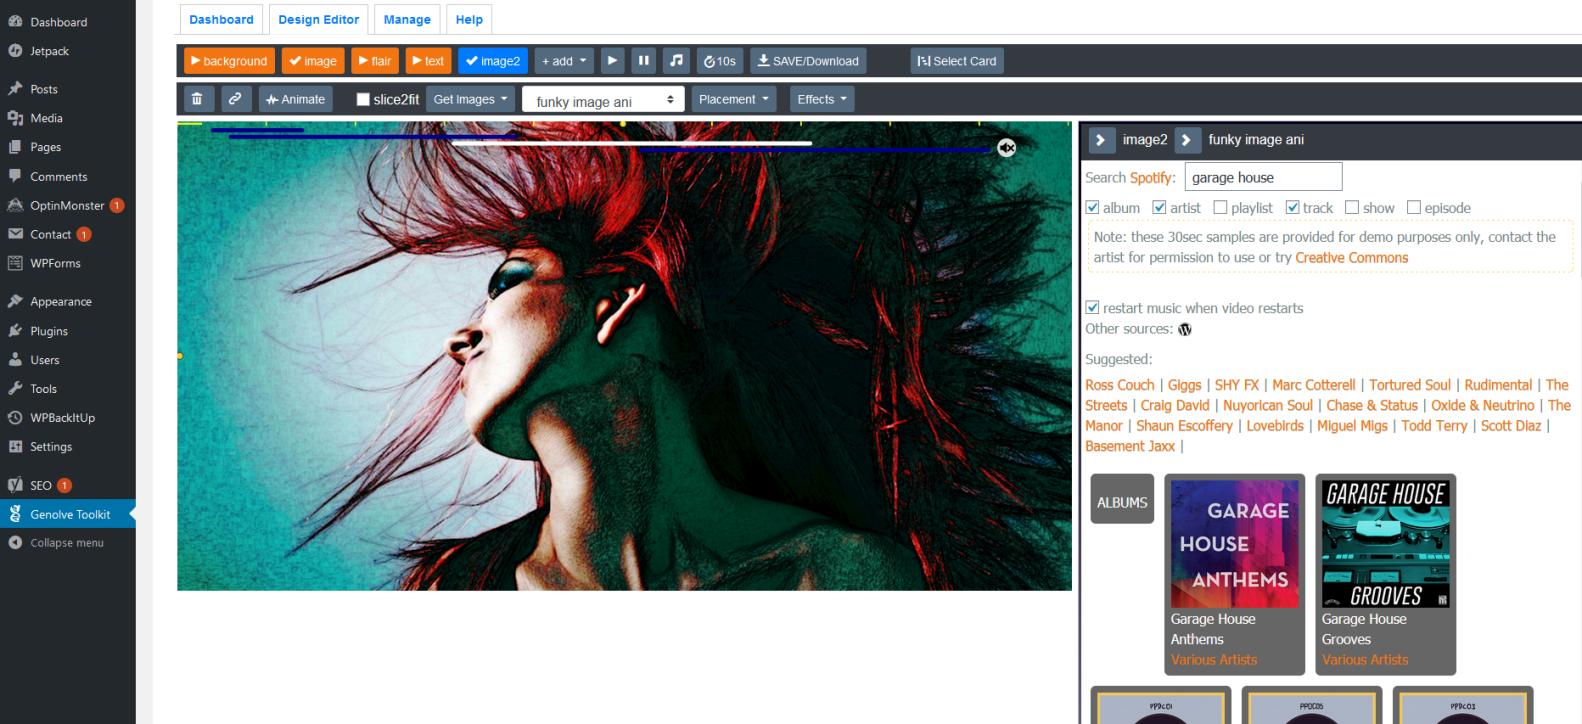 Plugin in use screenshot-1.png (v 1.1)